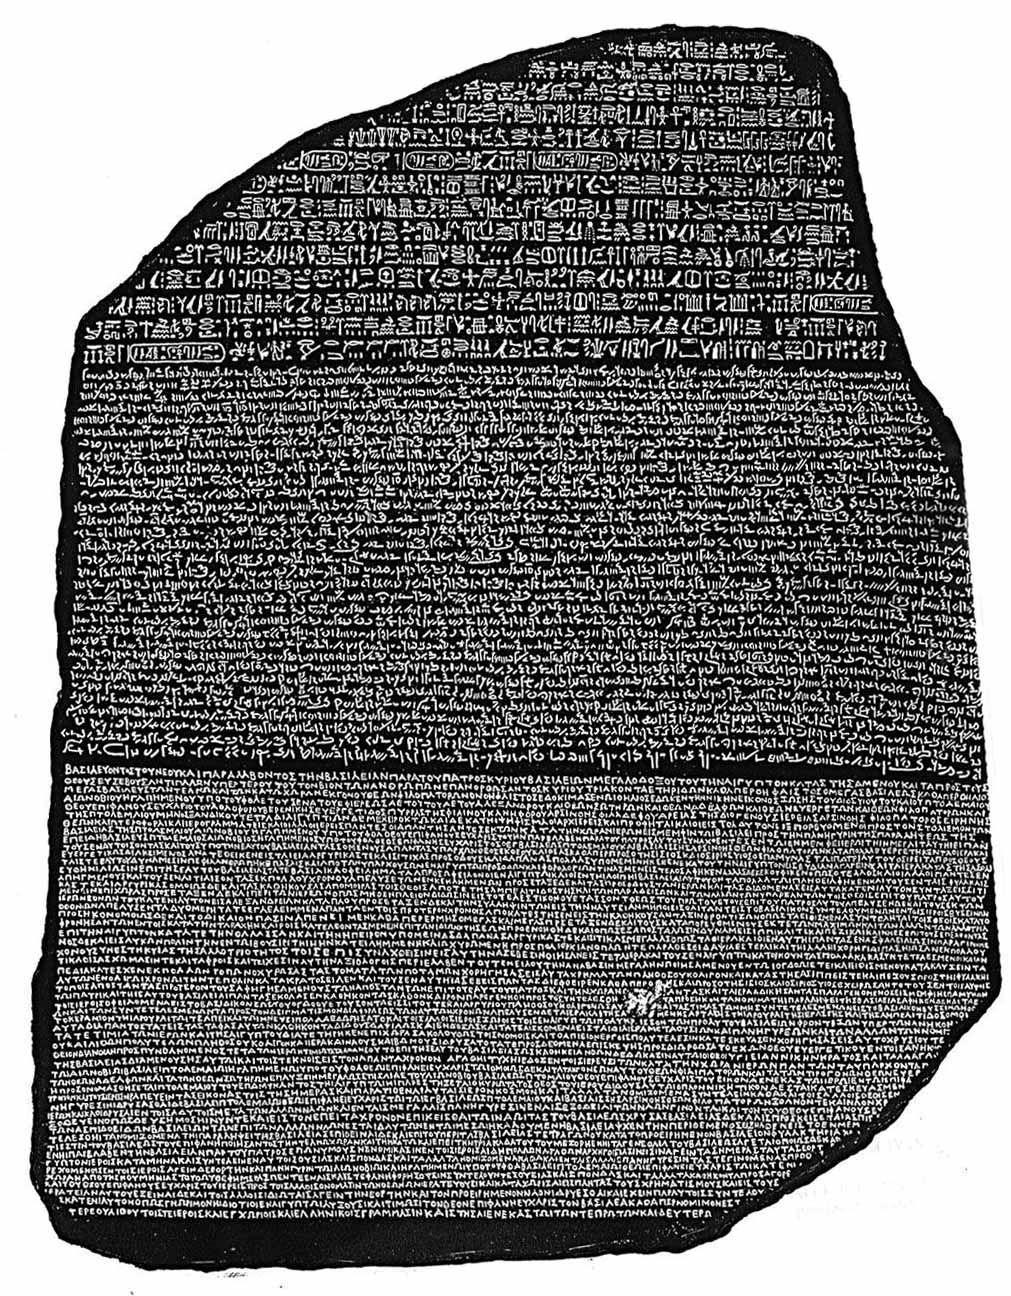 Rosetta Stone... Te acuerdas Amado Sol, de nuestros intentos por descifrar la…